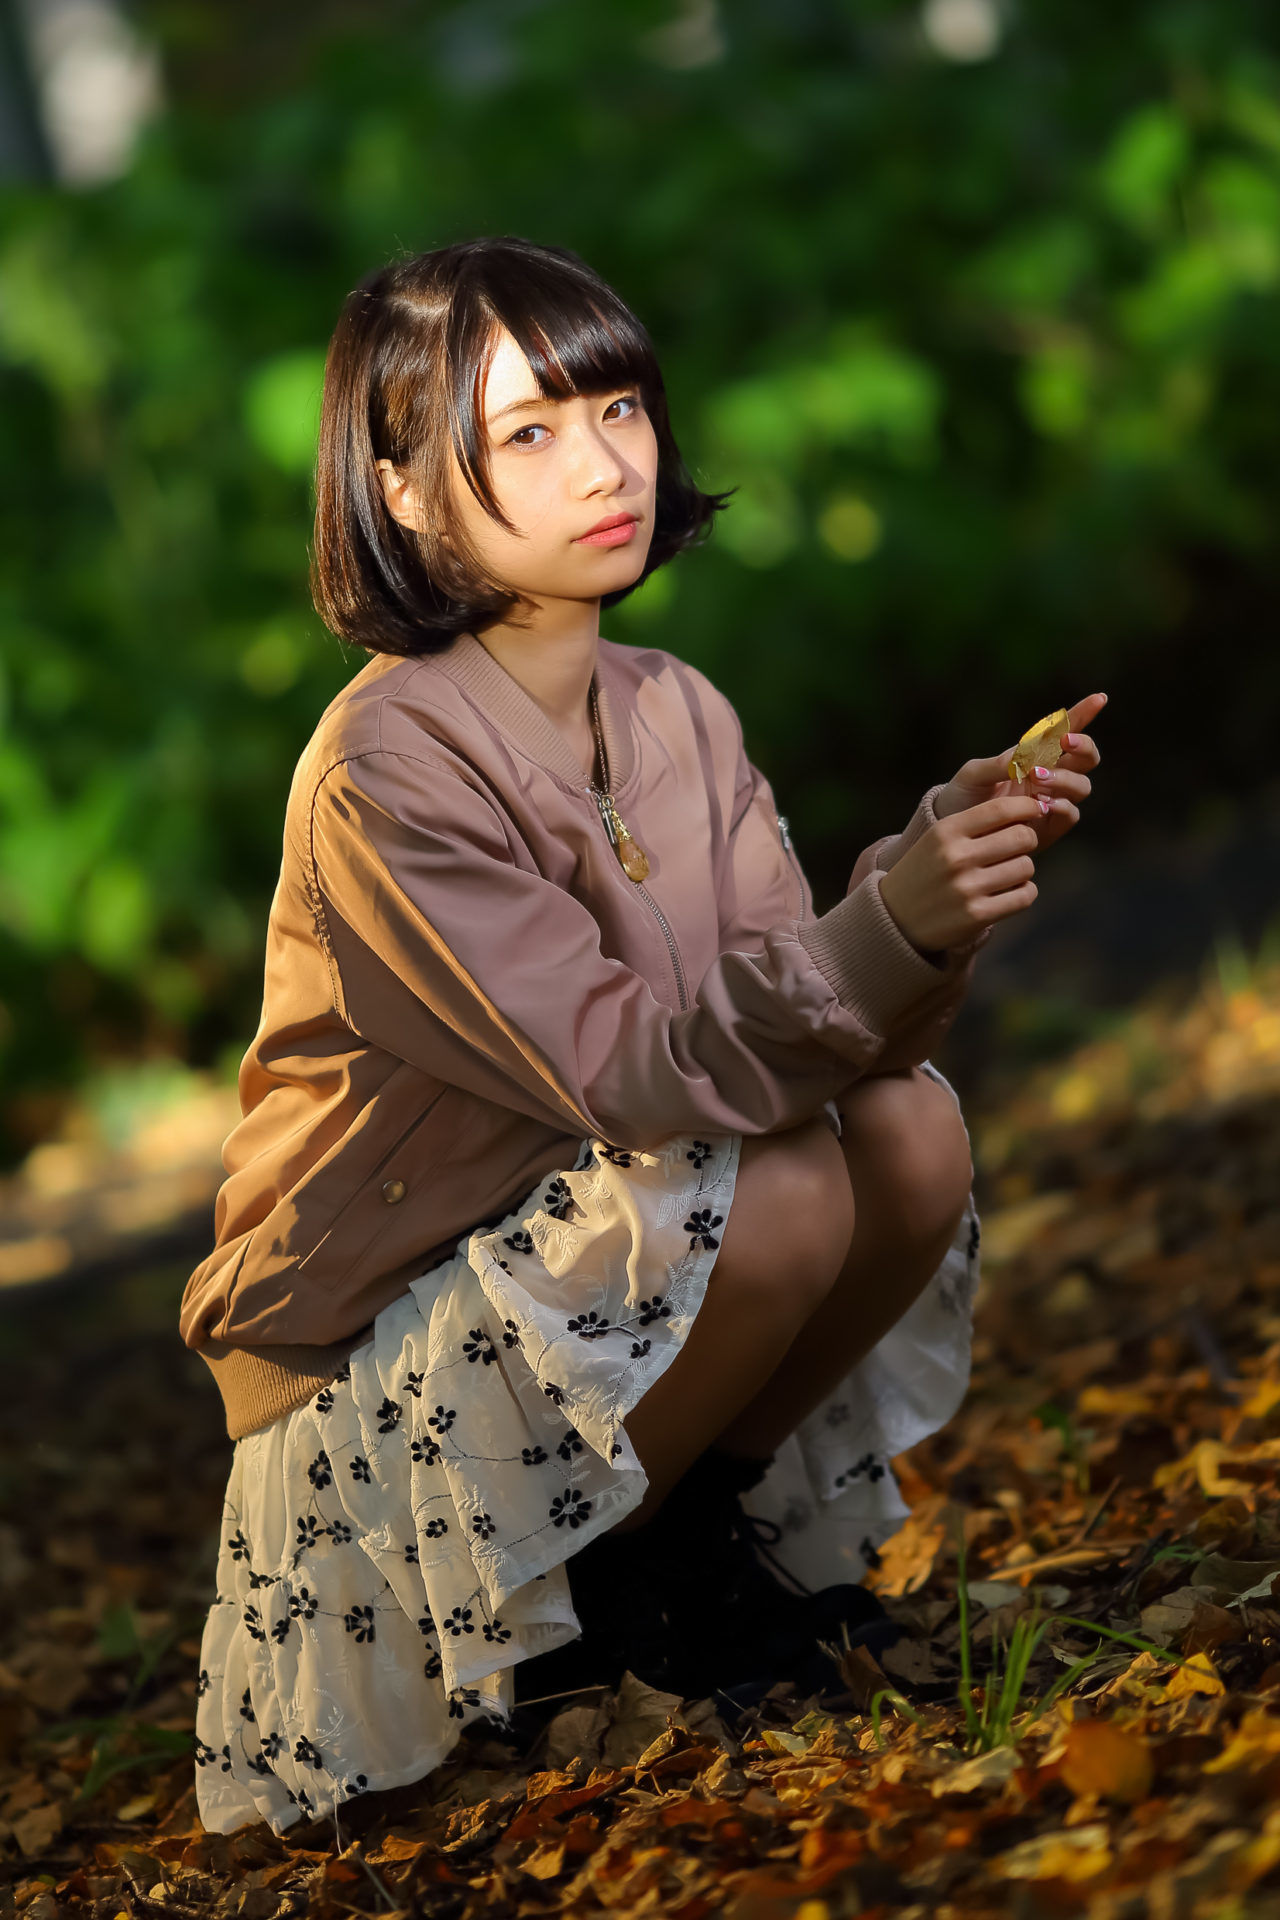 2代目HAPPY少女♪ みっちょ ( 本田みく ) | モデルプロ豊平公園撮影会